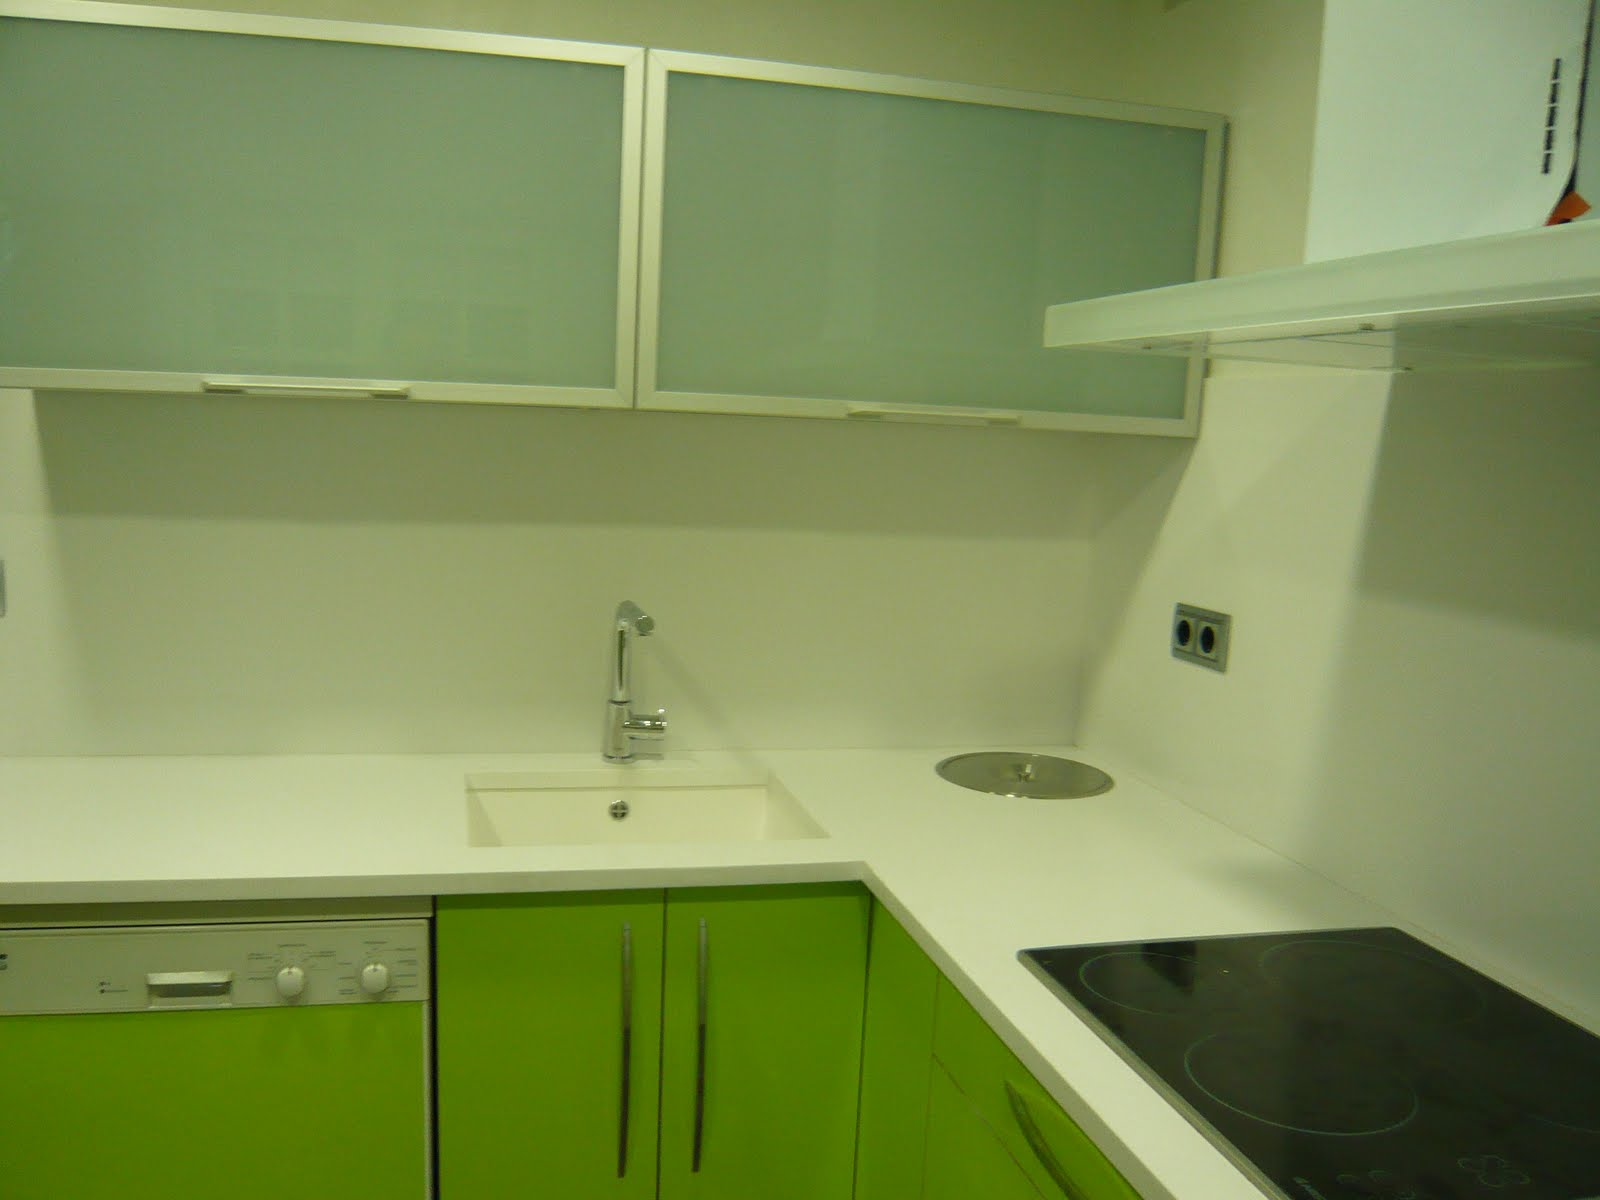 Reuscuina cocina verde pistacho 4 cantos aluminio for Cocina verde pistacho